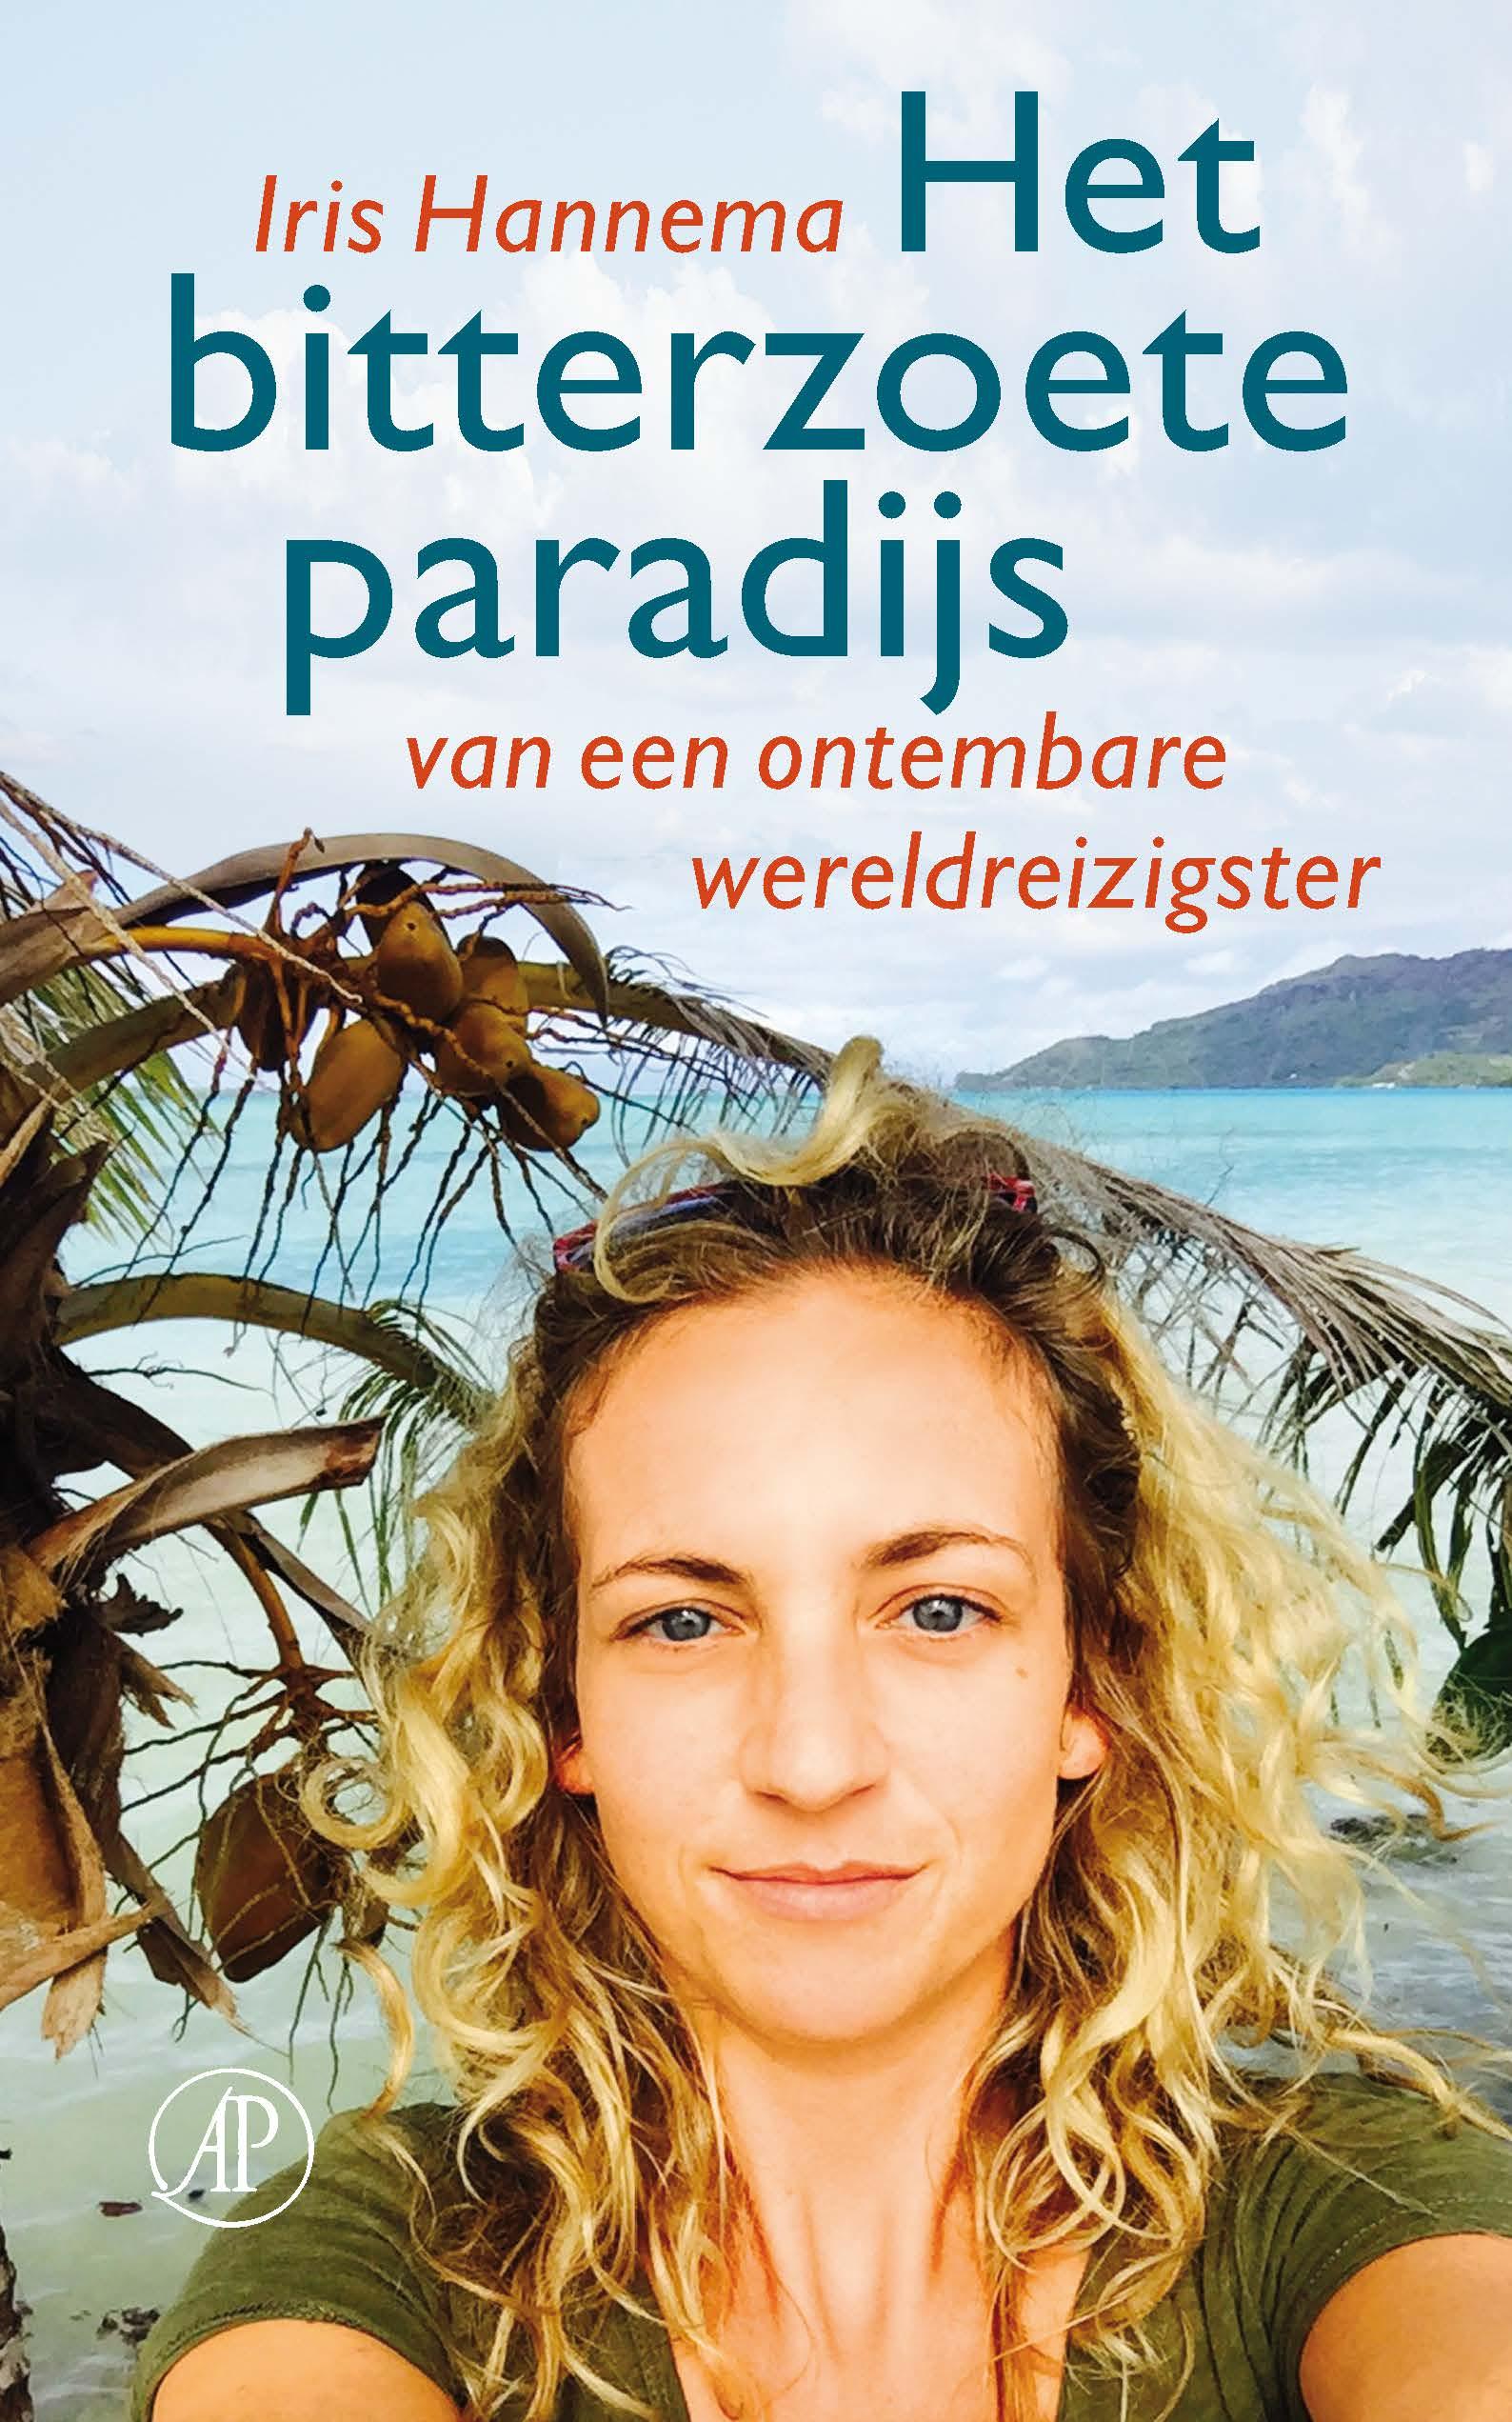 Het bitterzoete paradijs – Iris Hannema